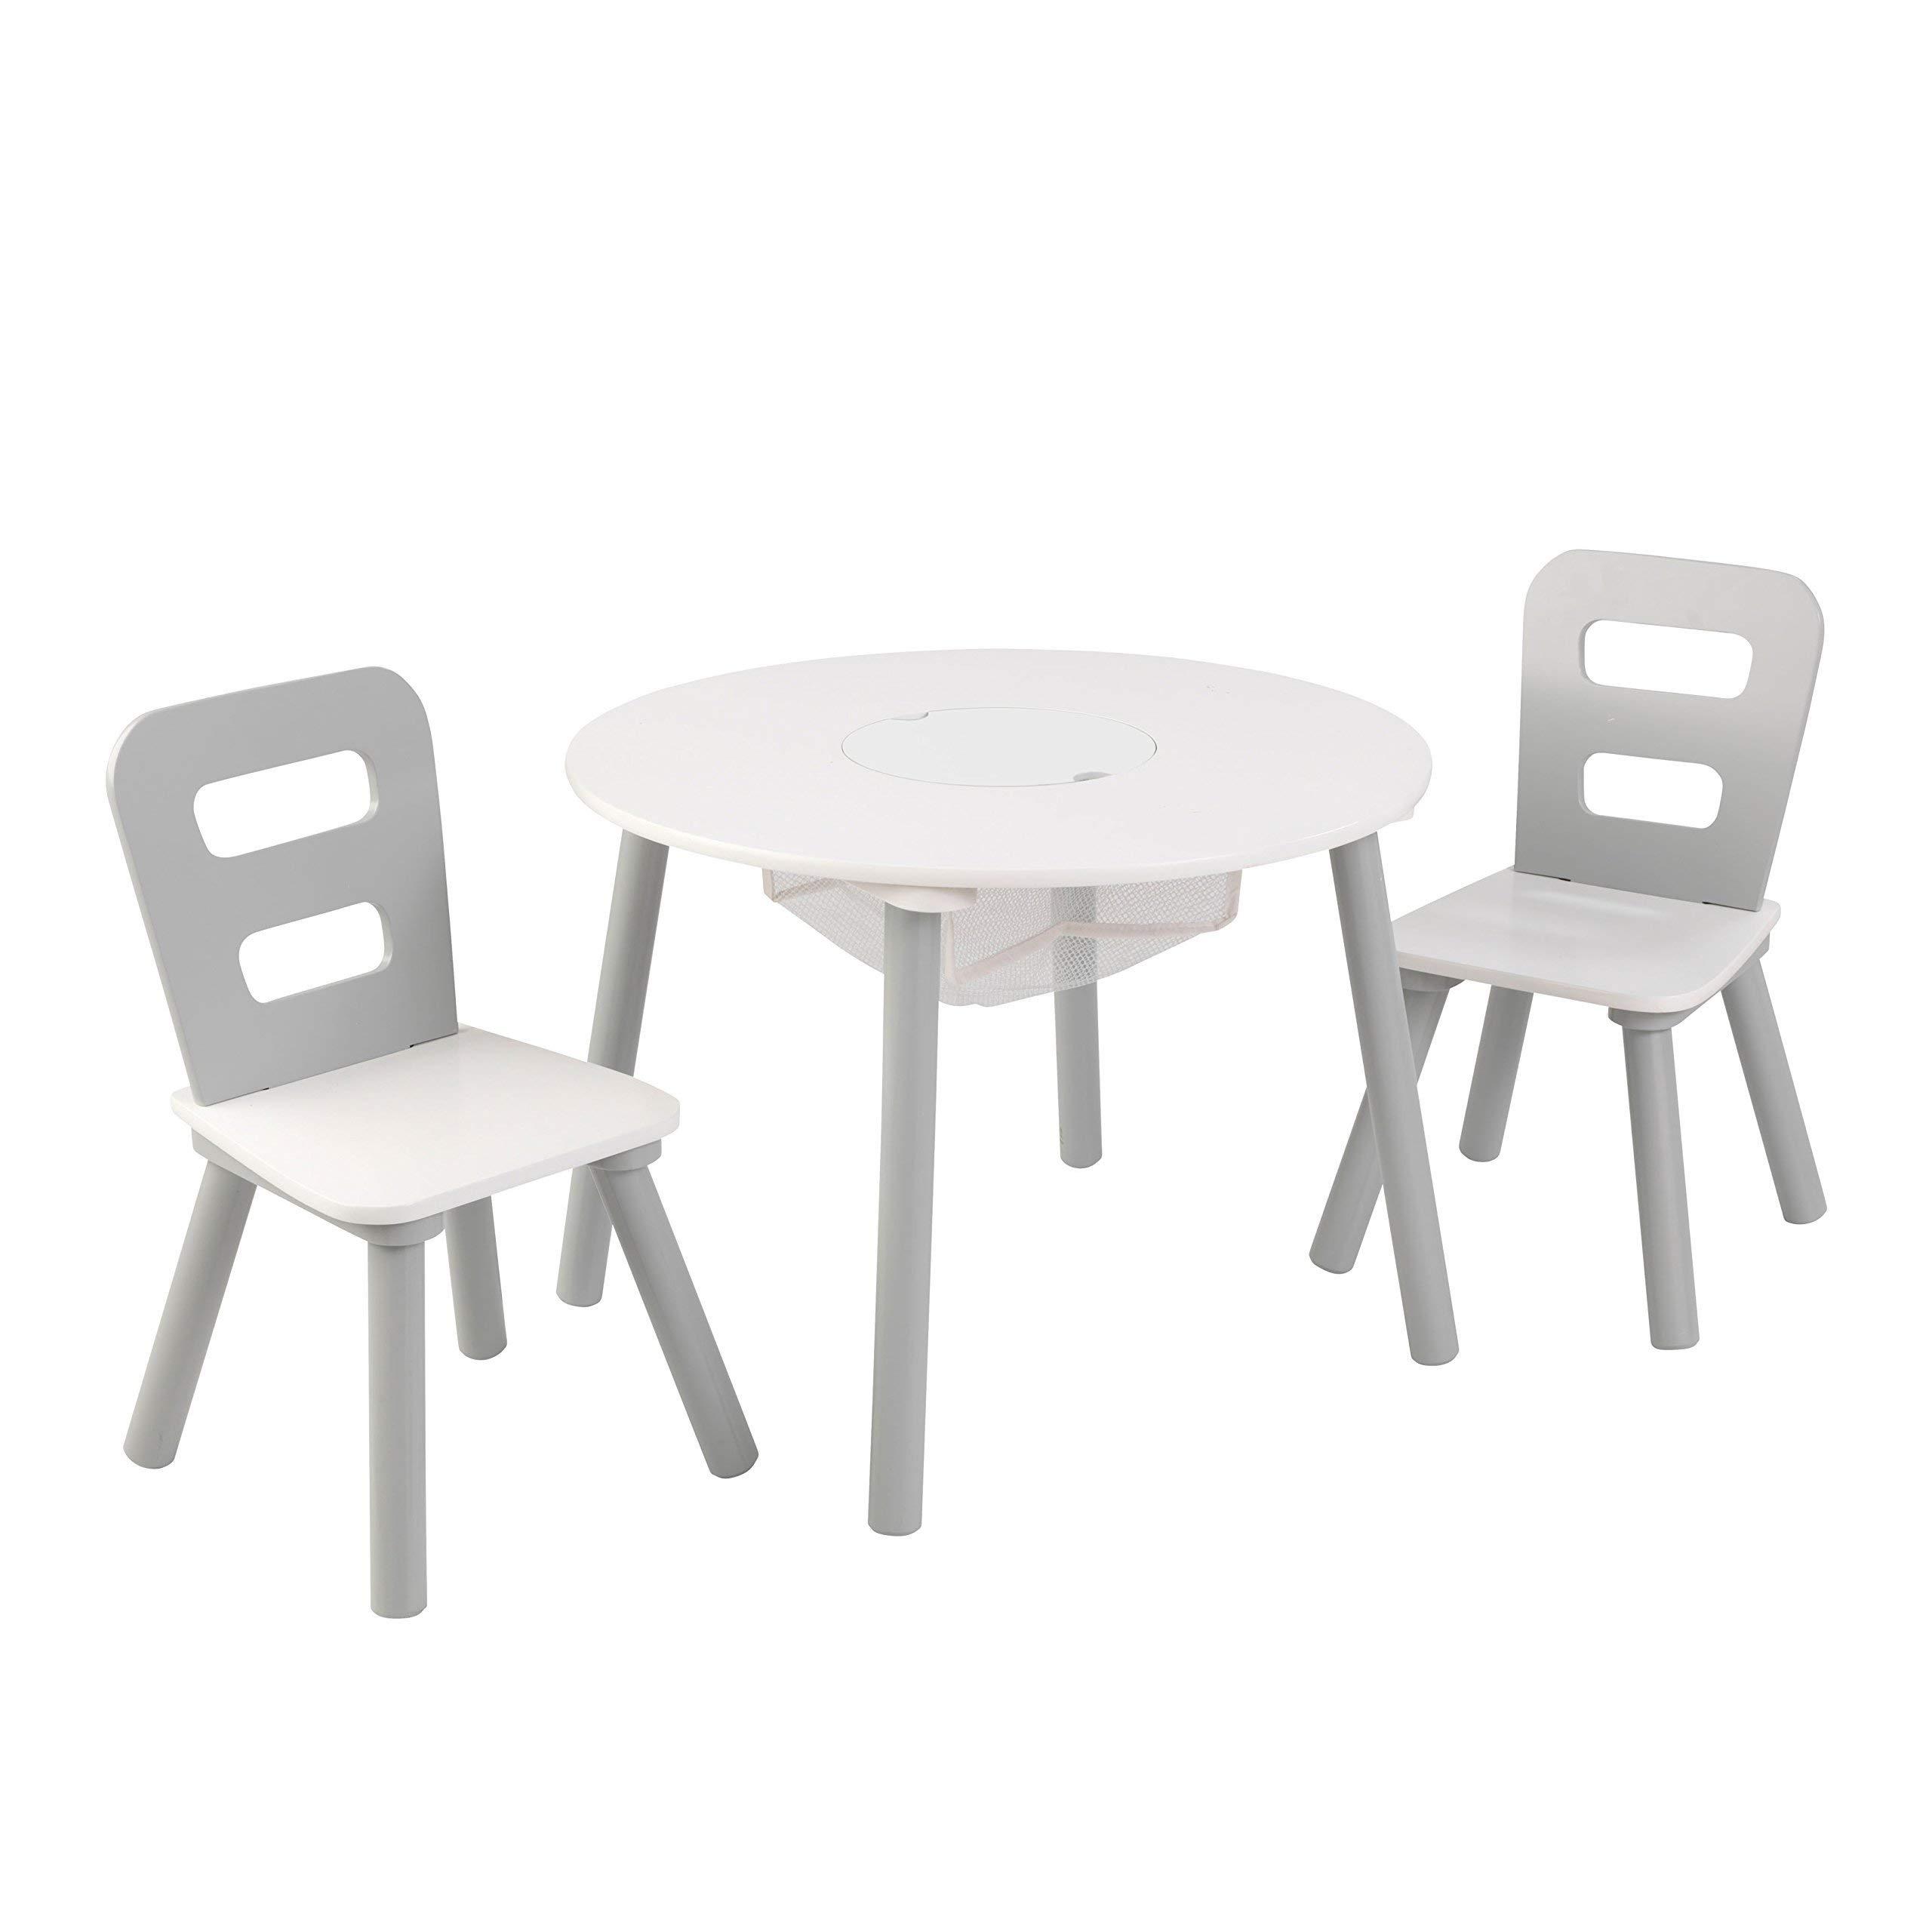 KidKraft 26166 Set Tavolo Rotondo con 2 Sedie in Legno, Mobili per Camera  da Letto e Sala Giochi per Bambini - Grigio e Bianco